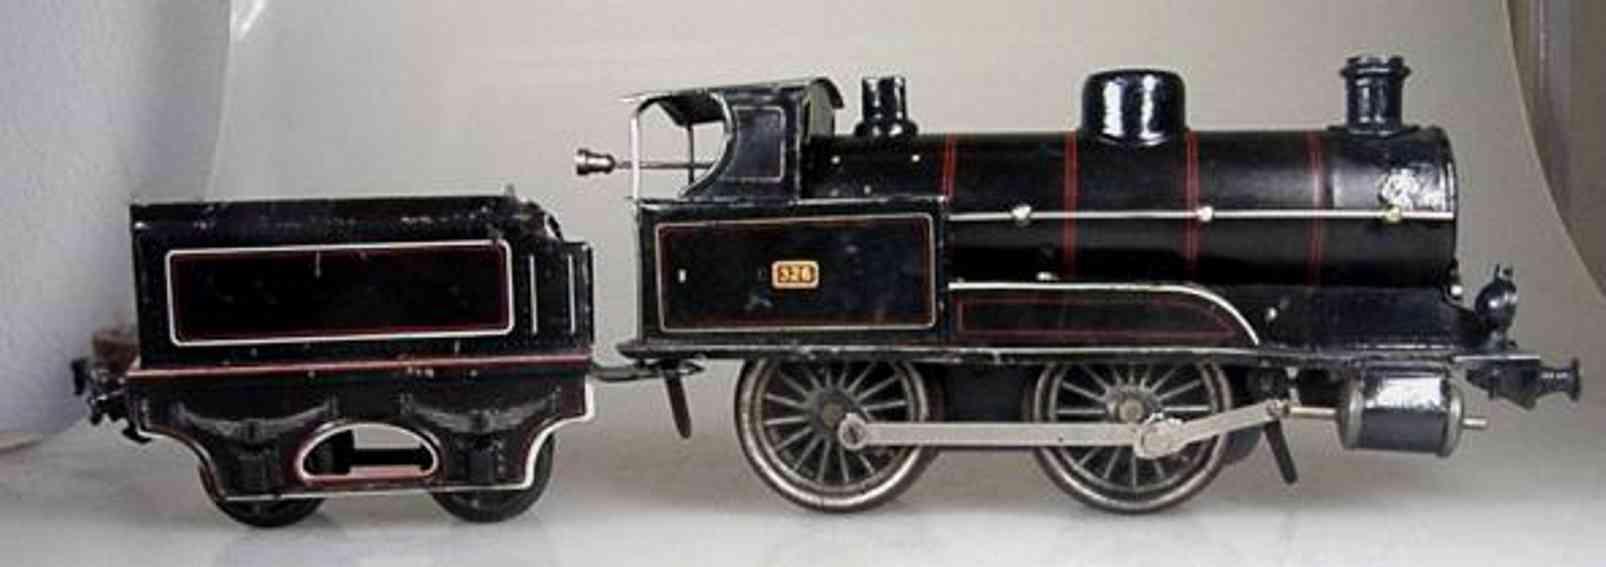 marklin maerklin e 1041 railway toy engine clockwork steam locomotive black gauge 1